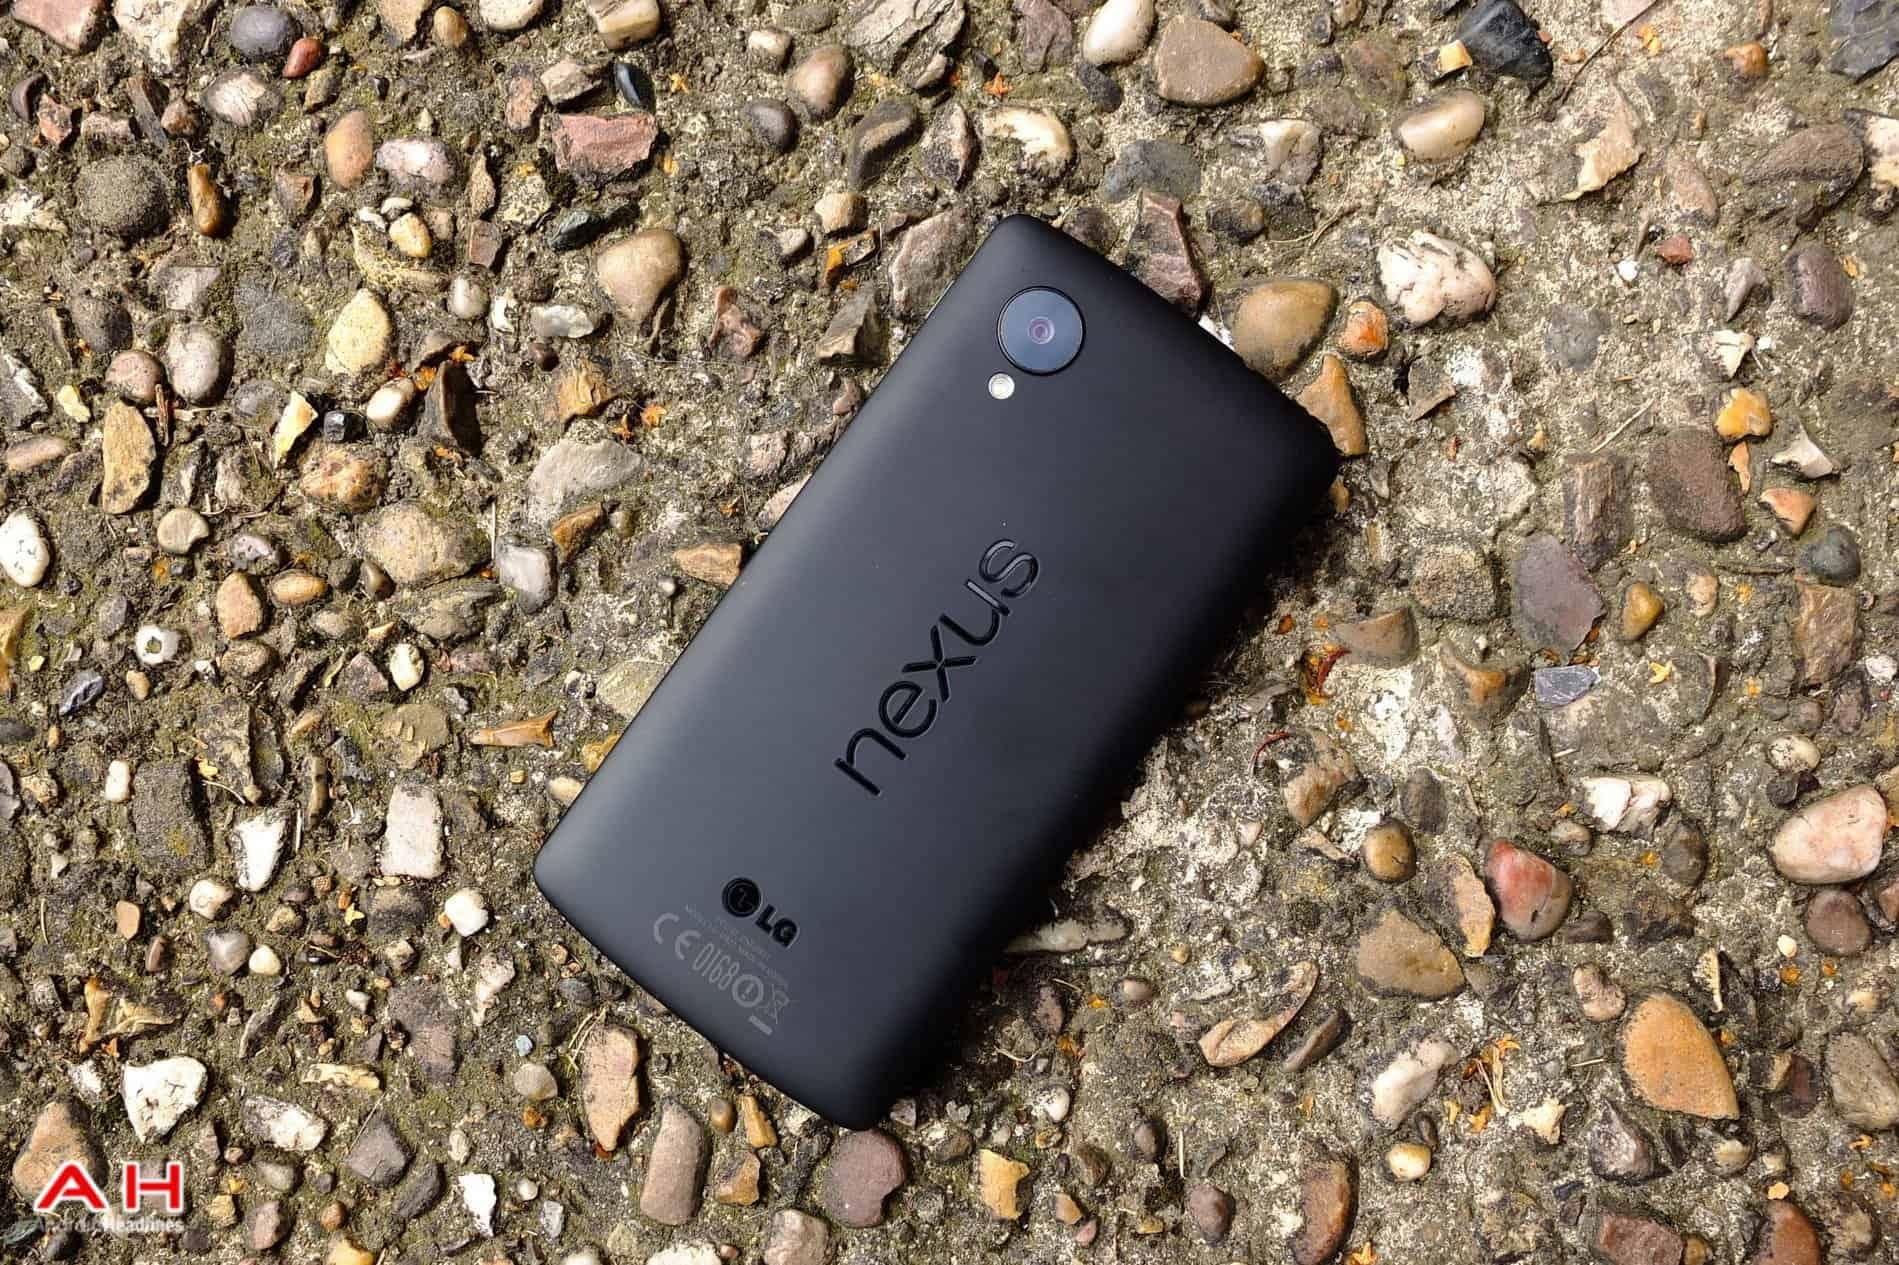 Nexus 5 AH 2.1